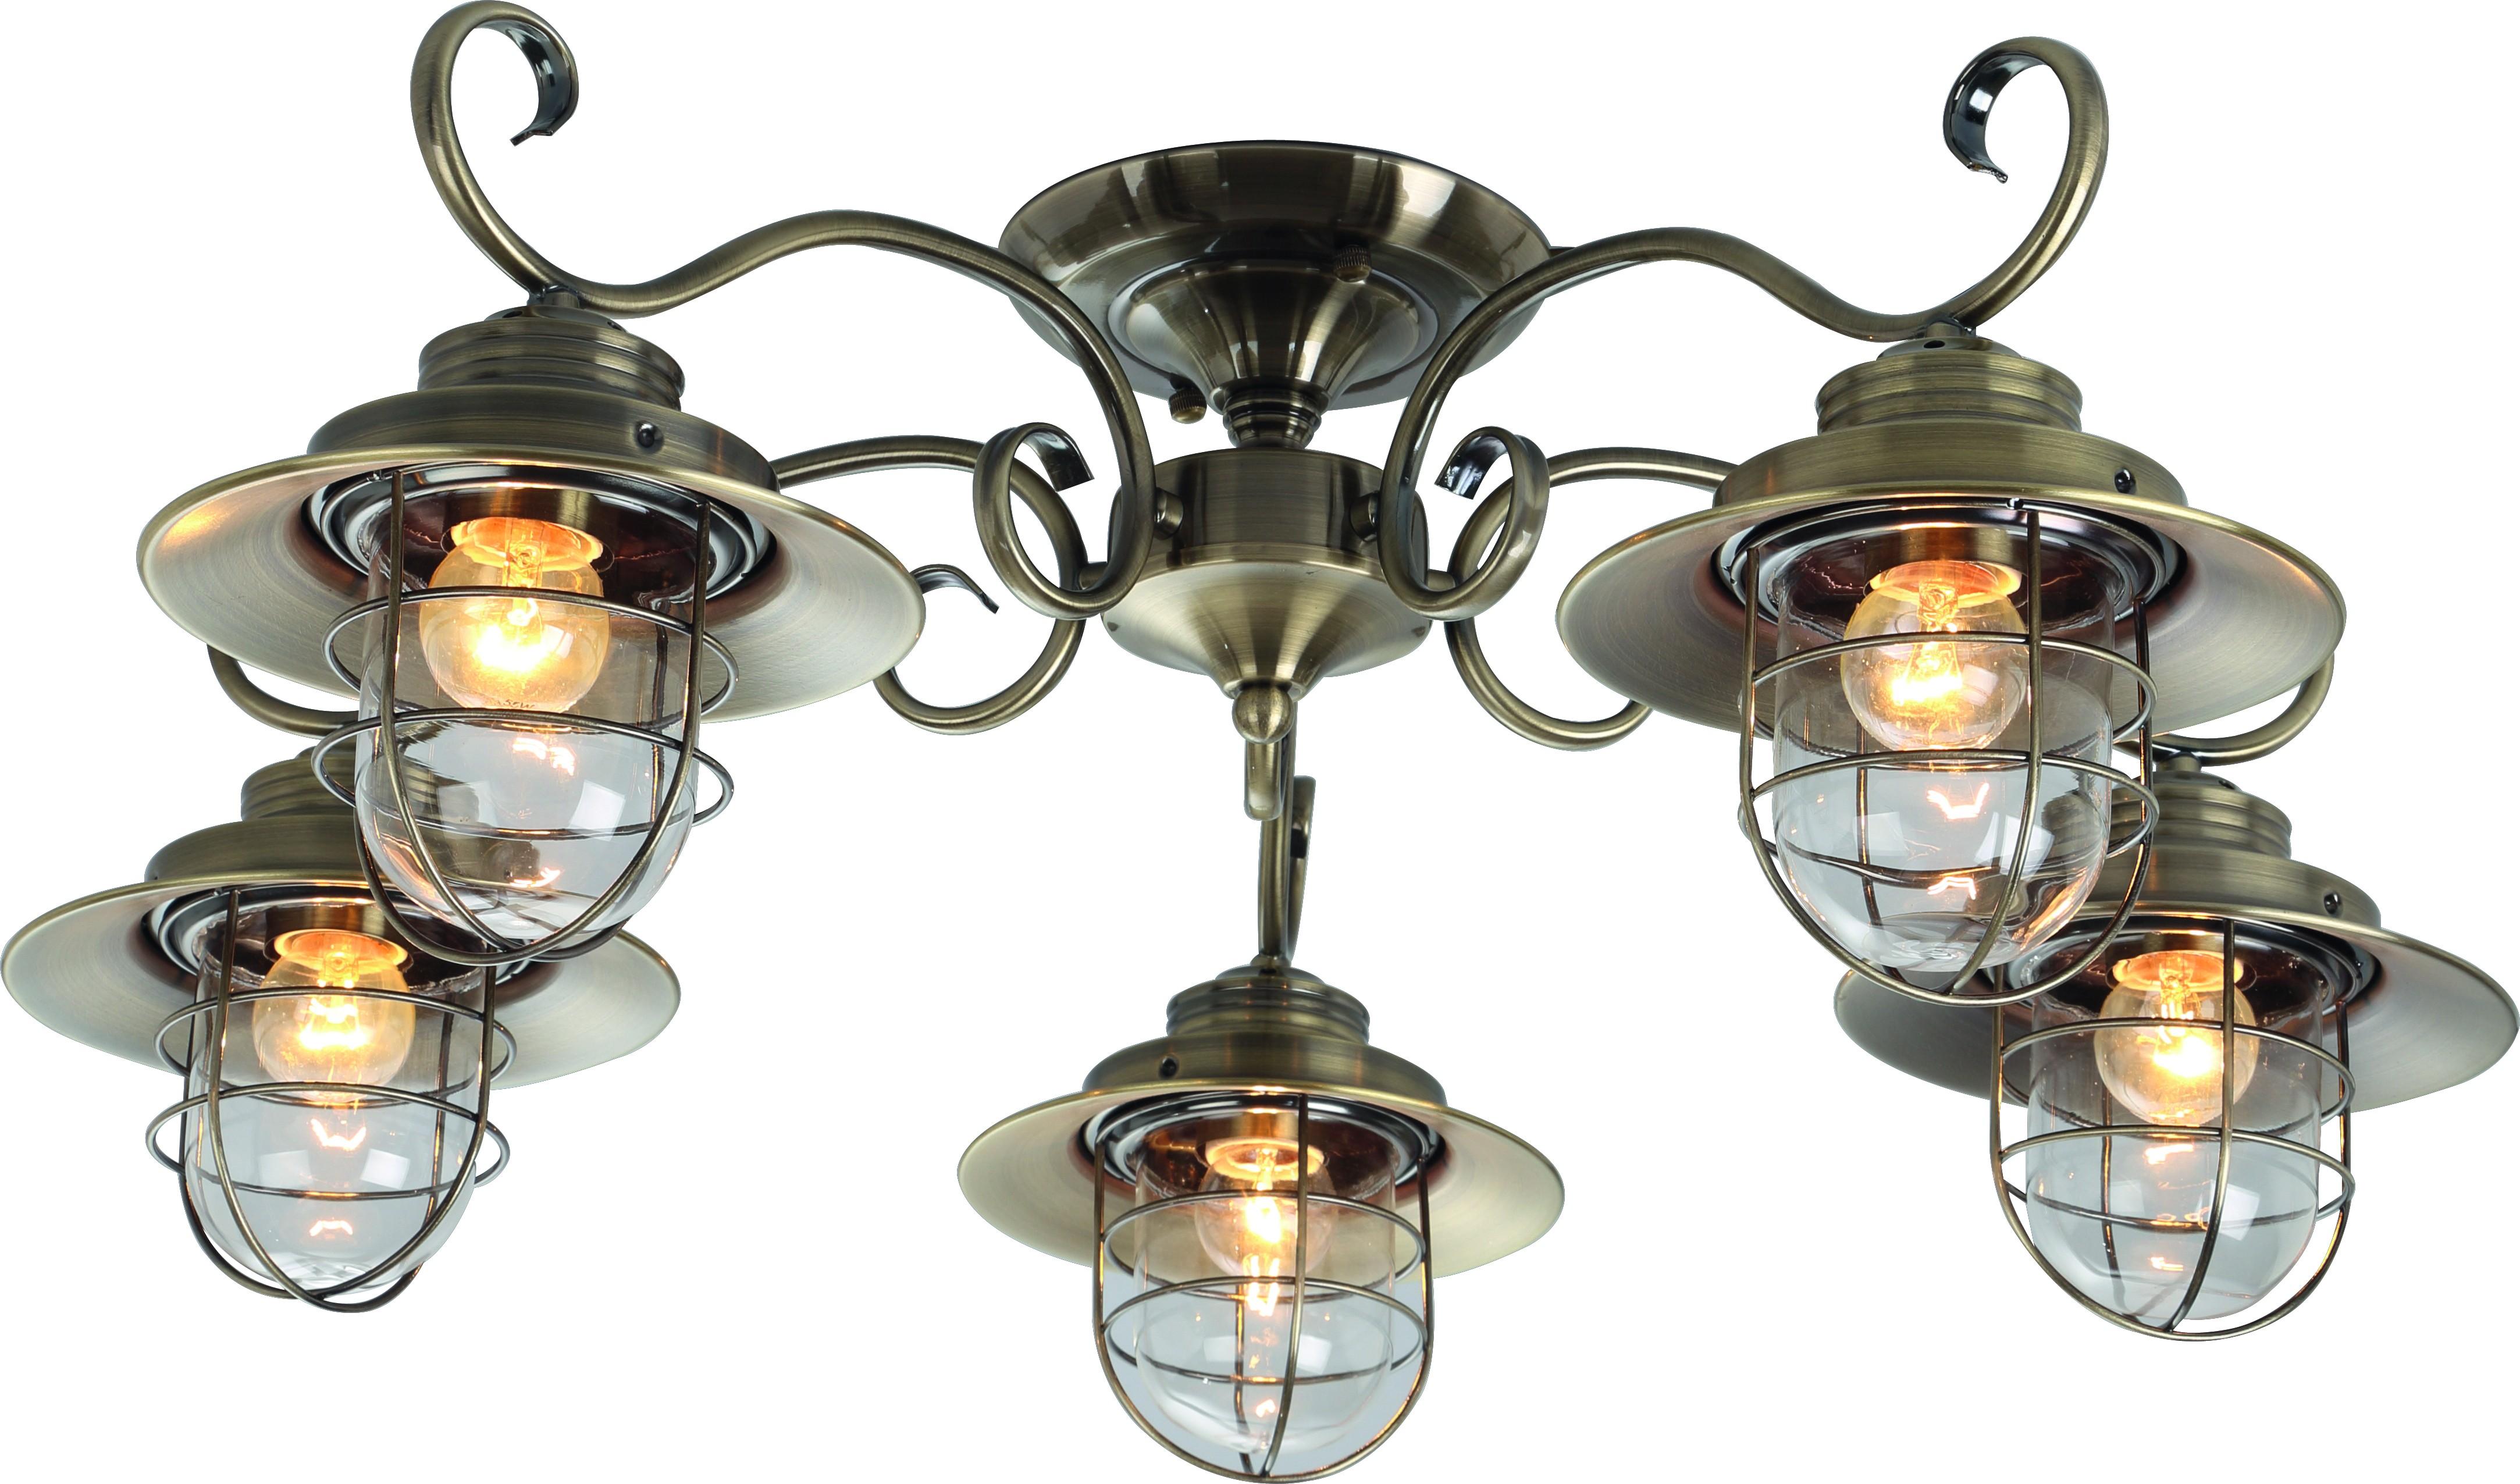 Купить Люстра Arte lamp A4579pl-5ab